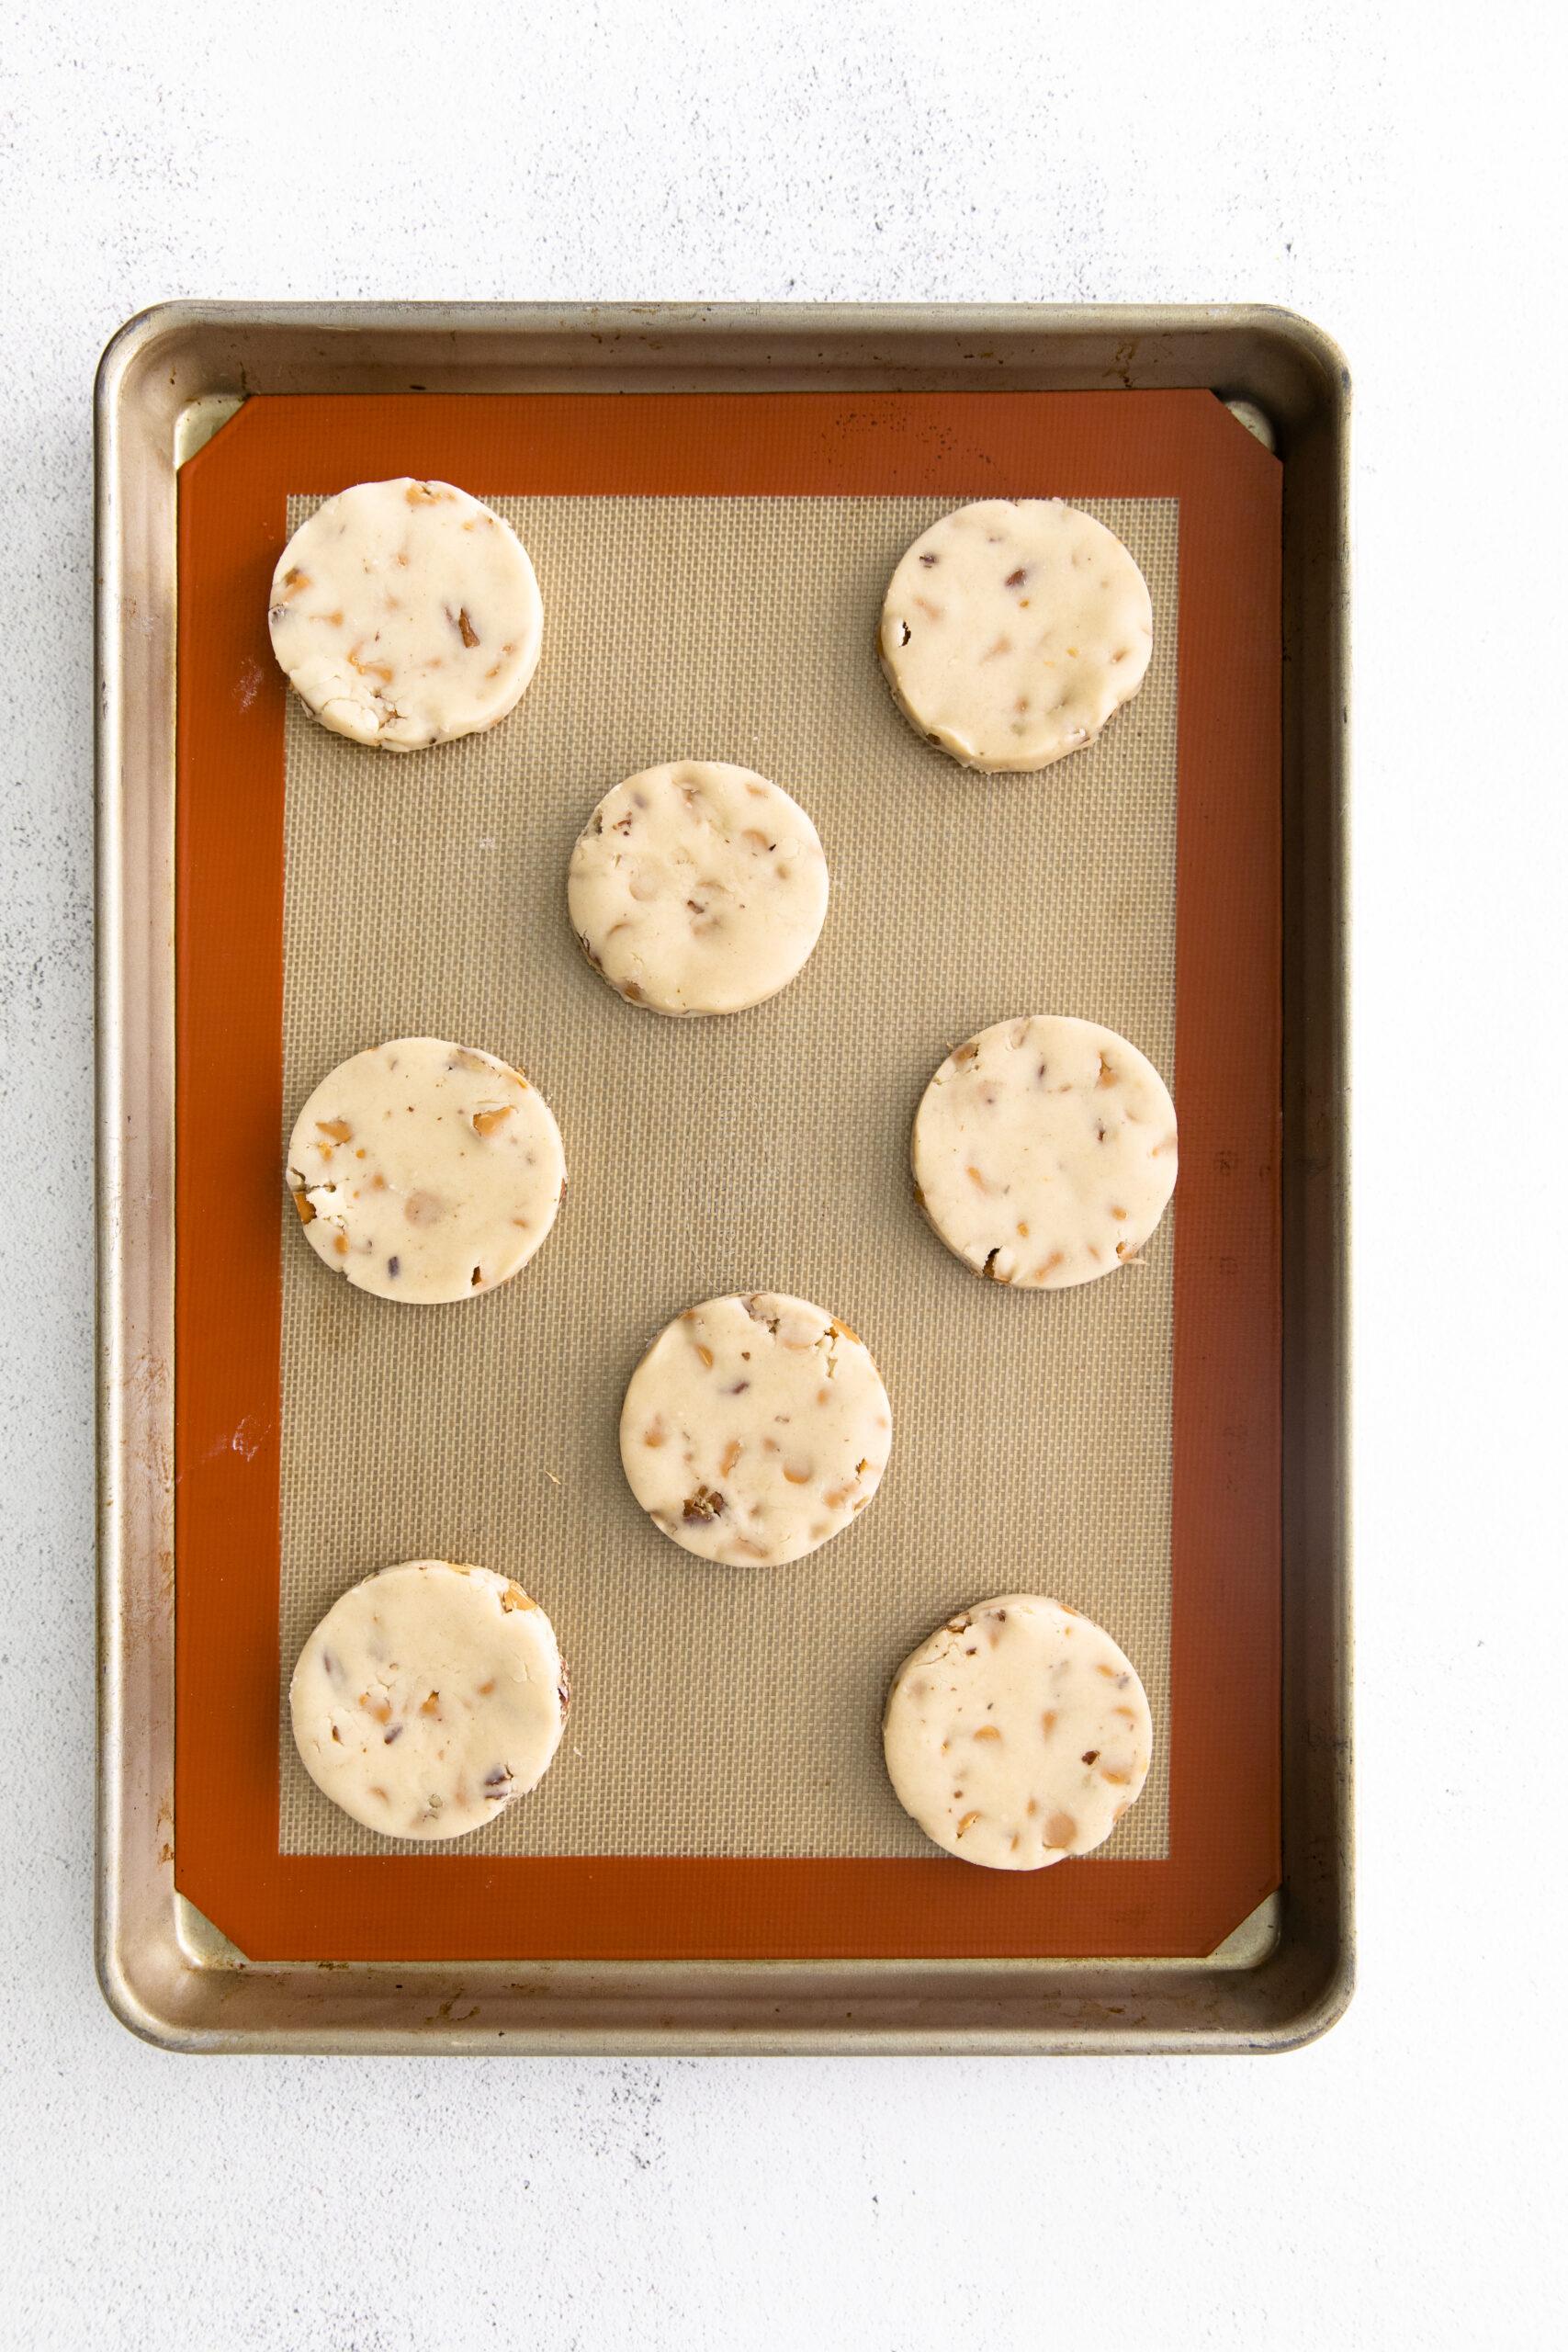 butterscotch cookie dough on sheet